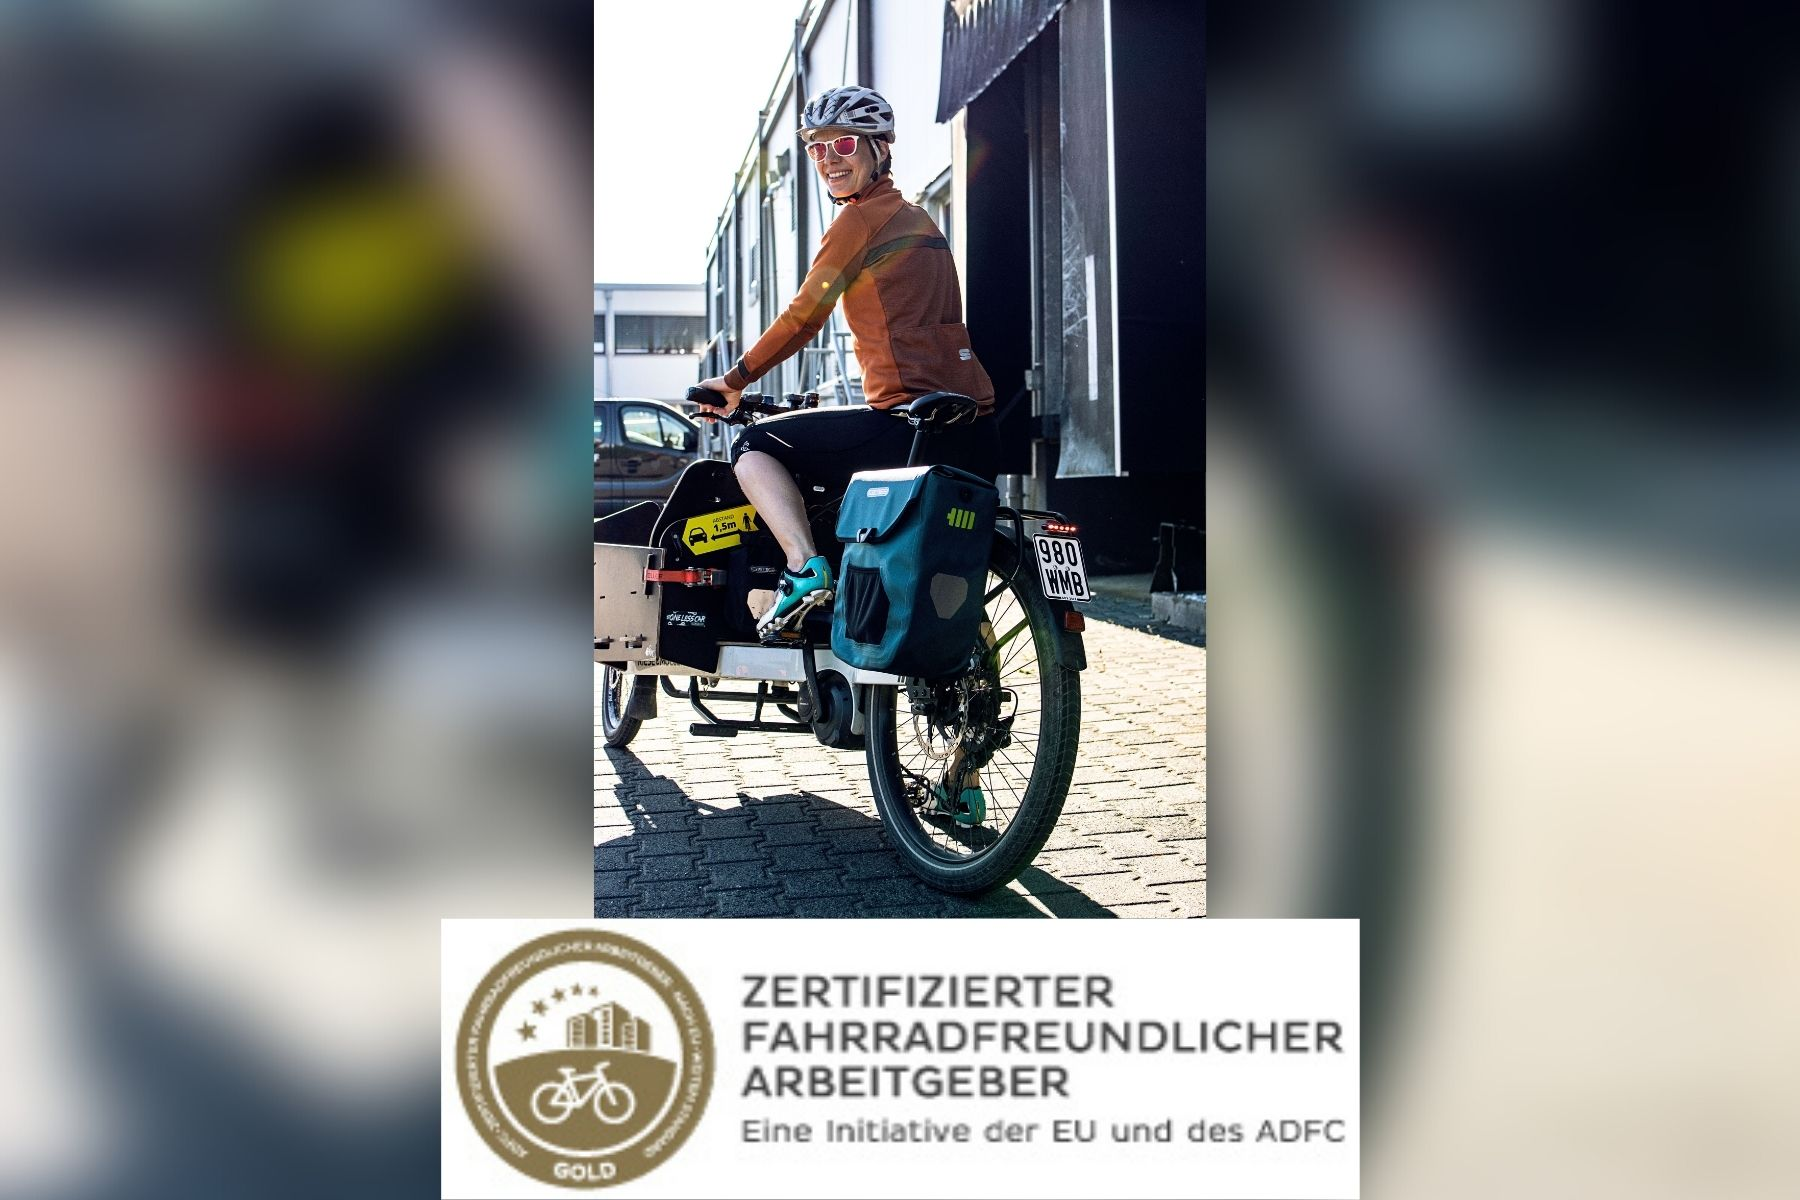 Zertifizierter fahrradfreundlicher Arbeitgeber sucht händeringend Personal